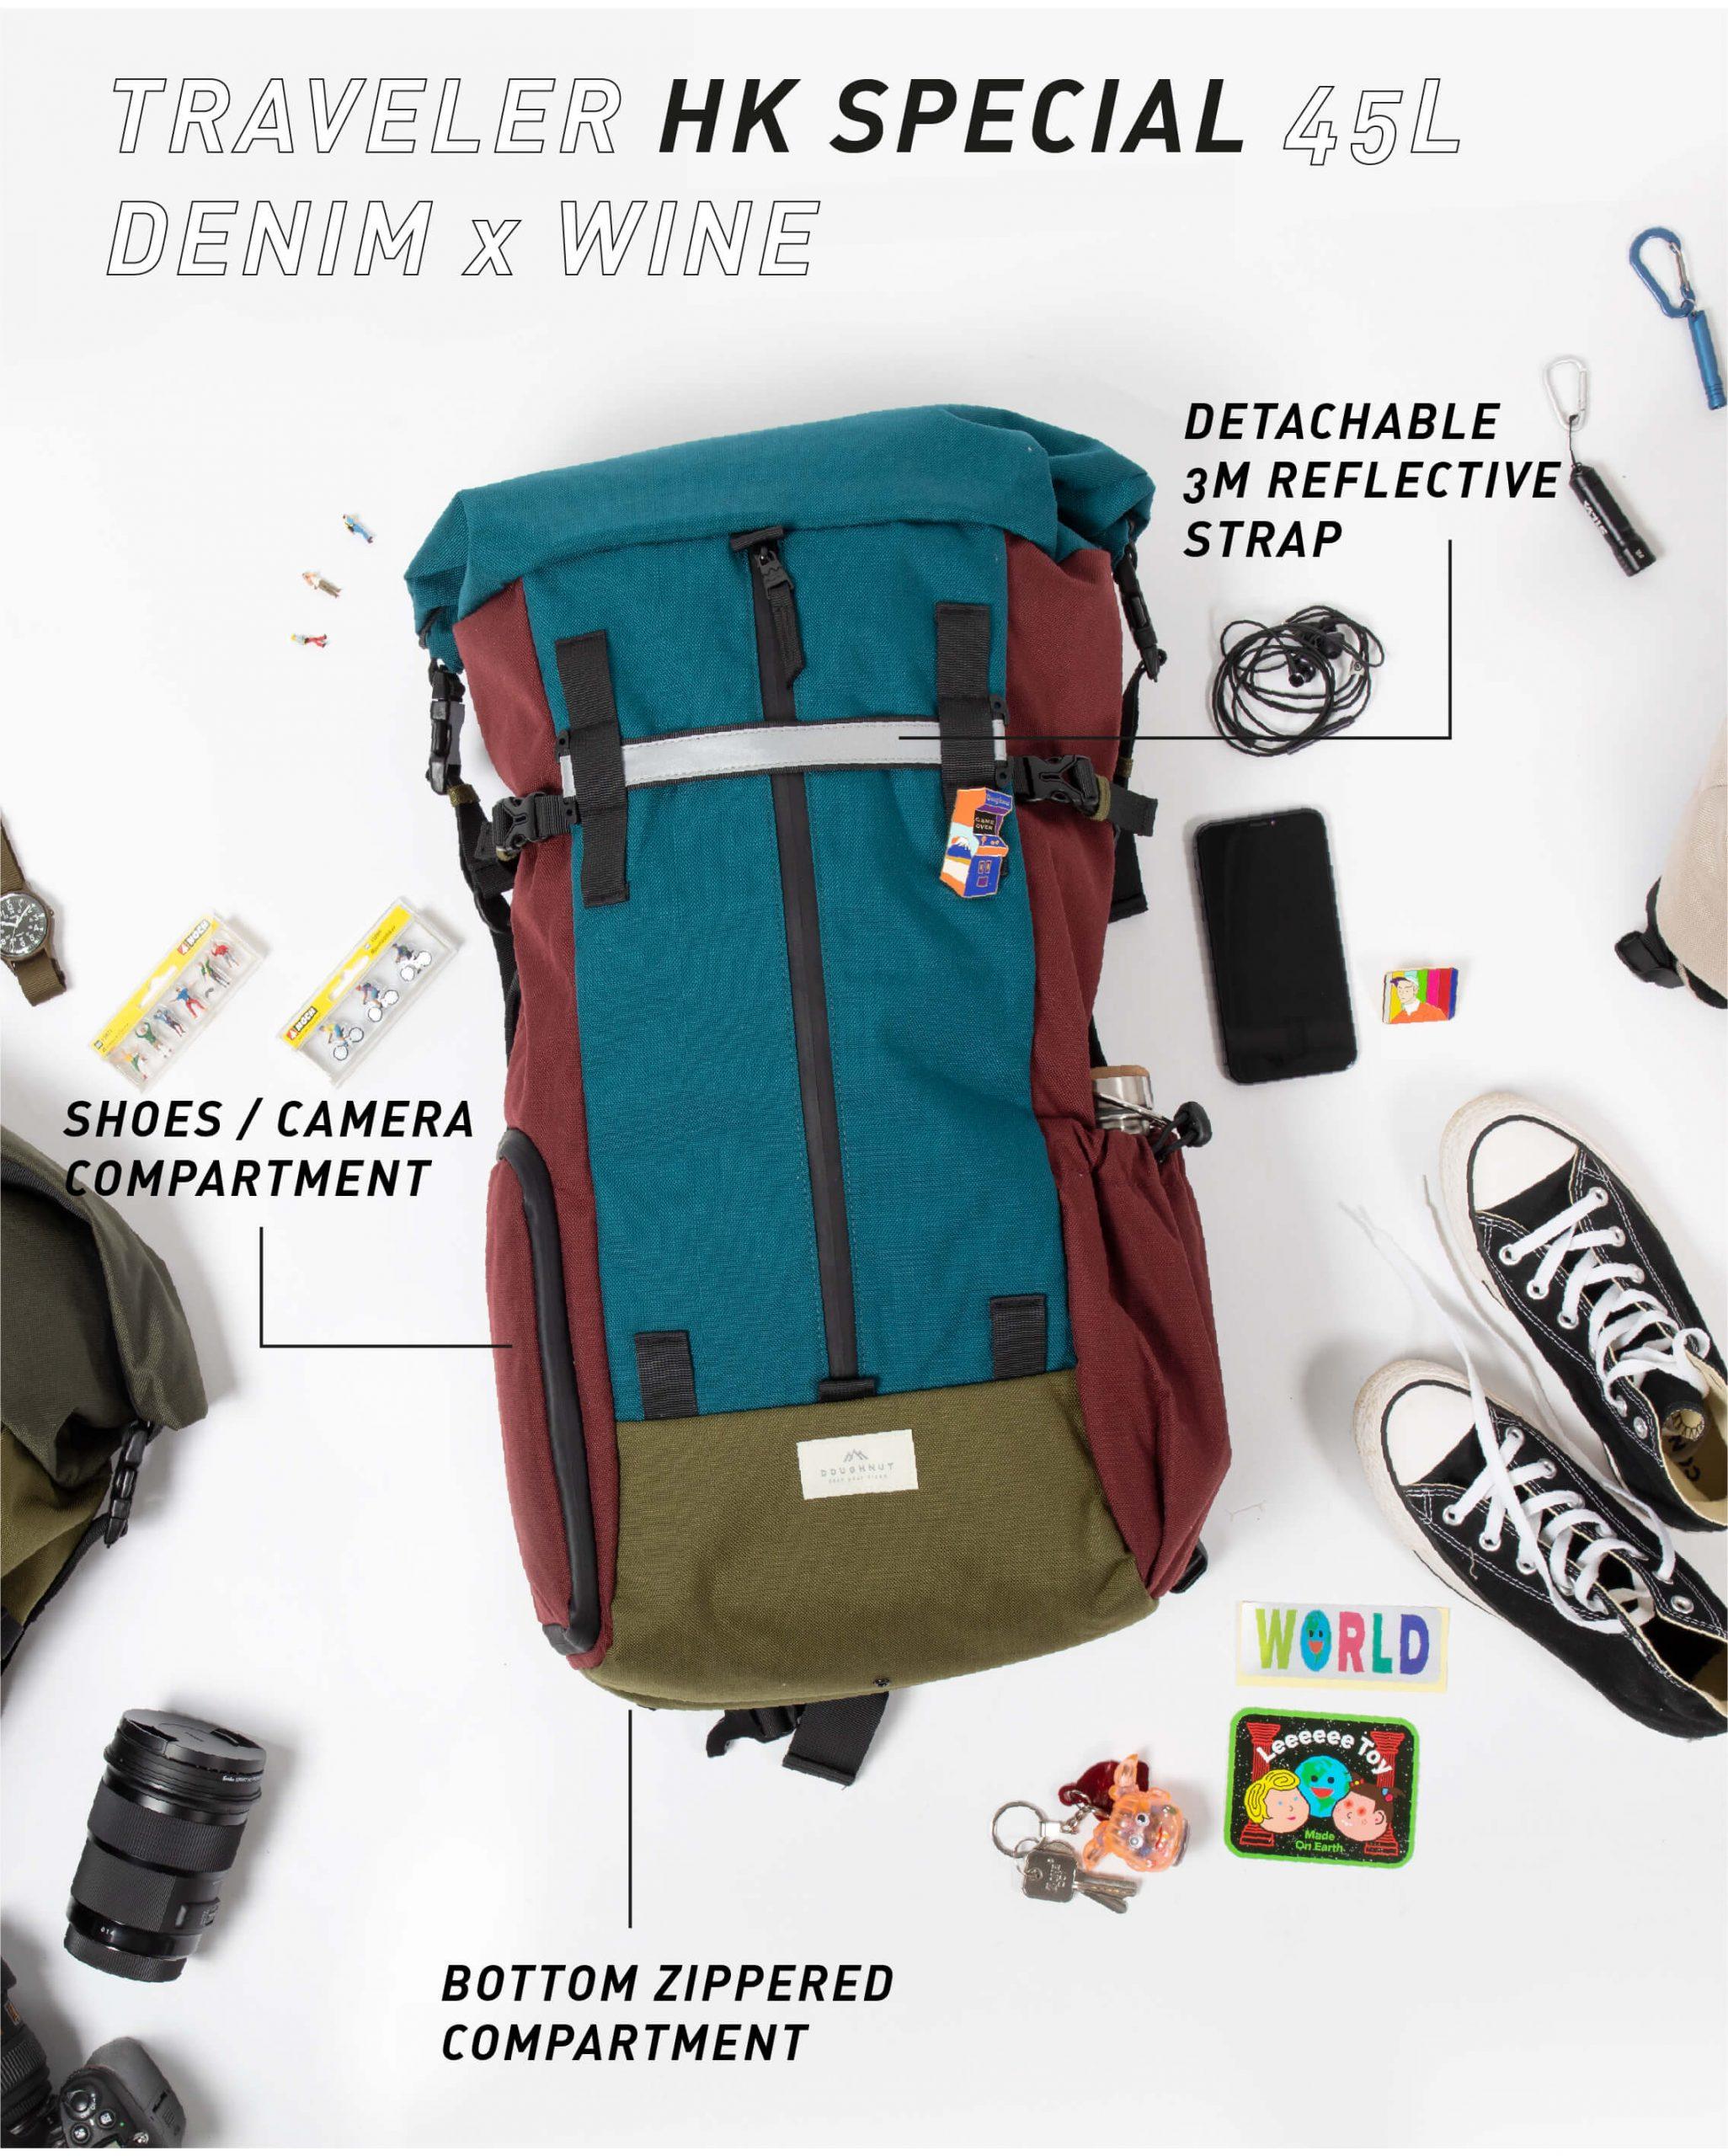 Wybierasz się na wycieczkę? Dobry plecak turystyczny to podstawa!